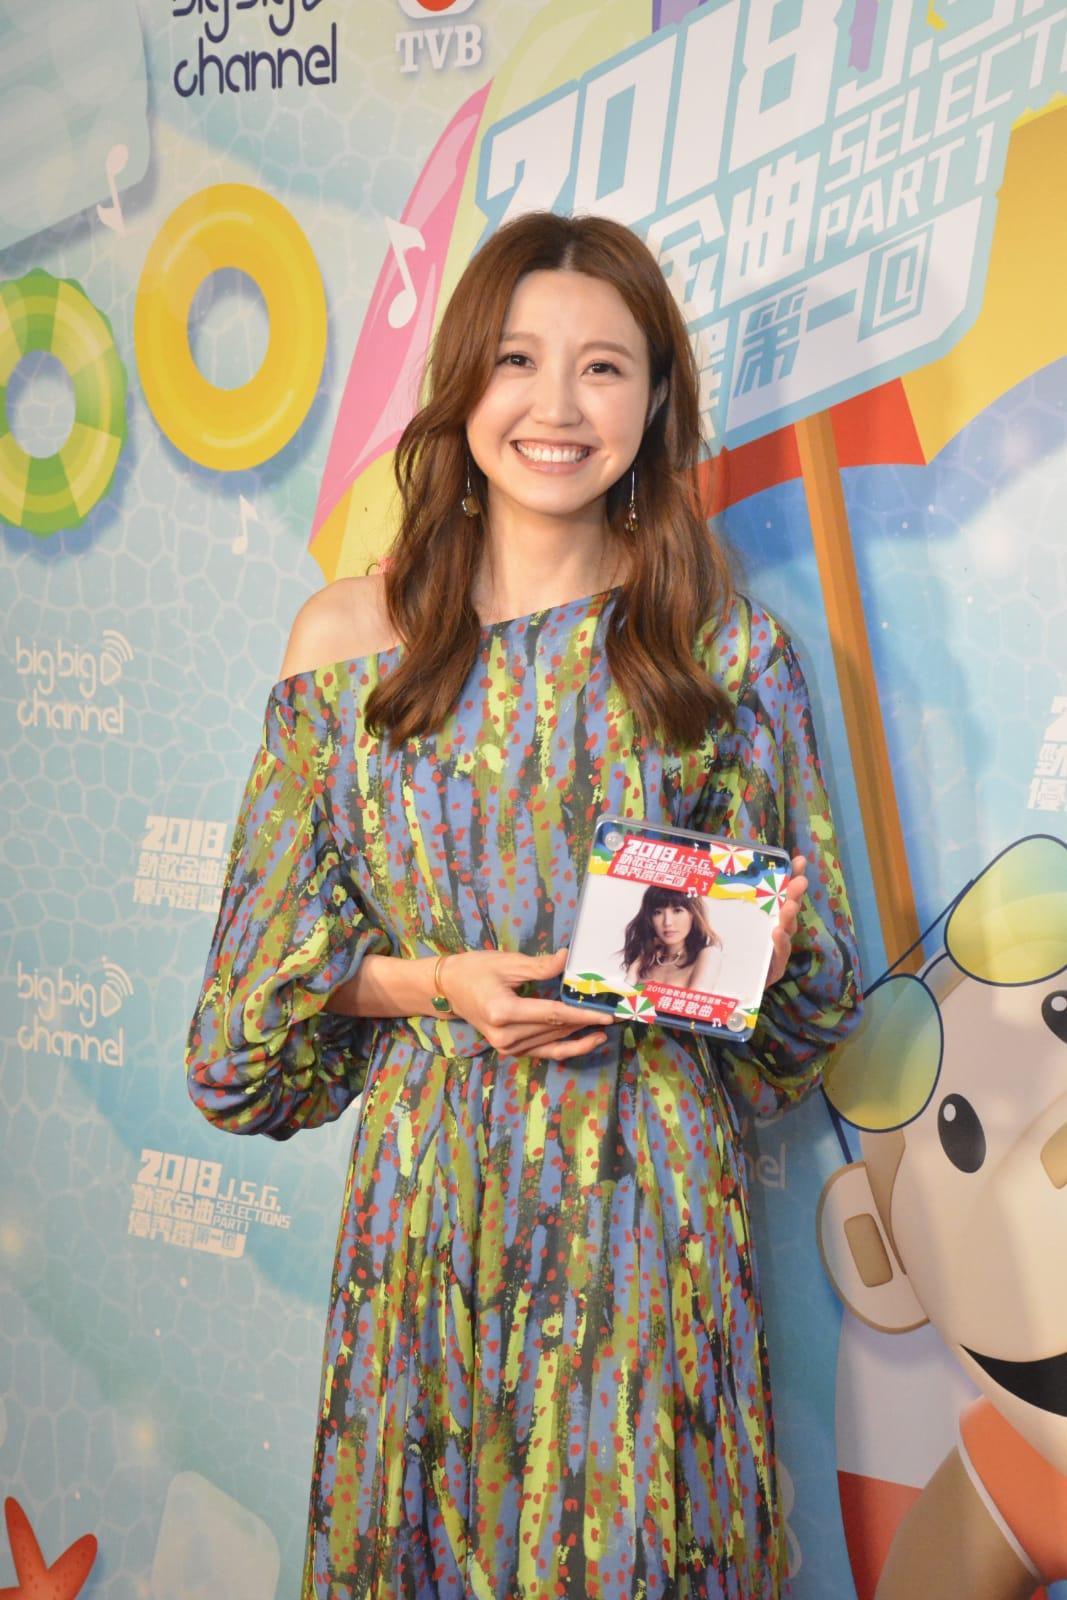 Jinny憑《別再記起》一曲入選《勁歌金曲優秀選第一回》。